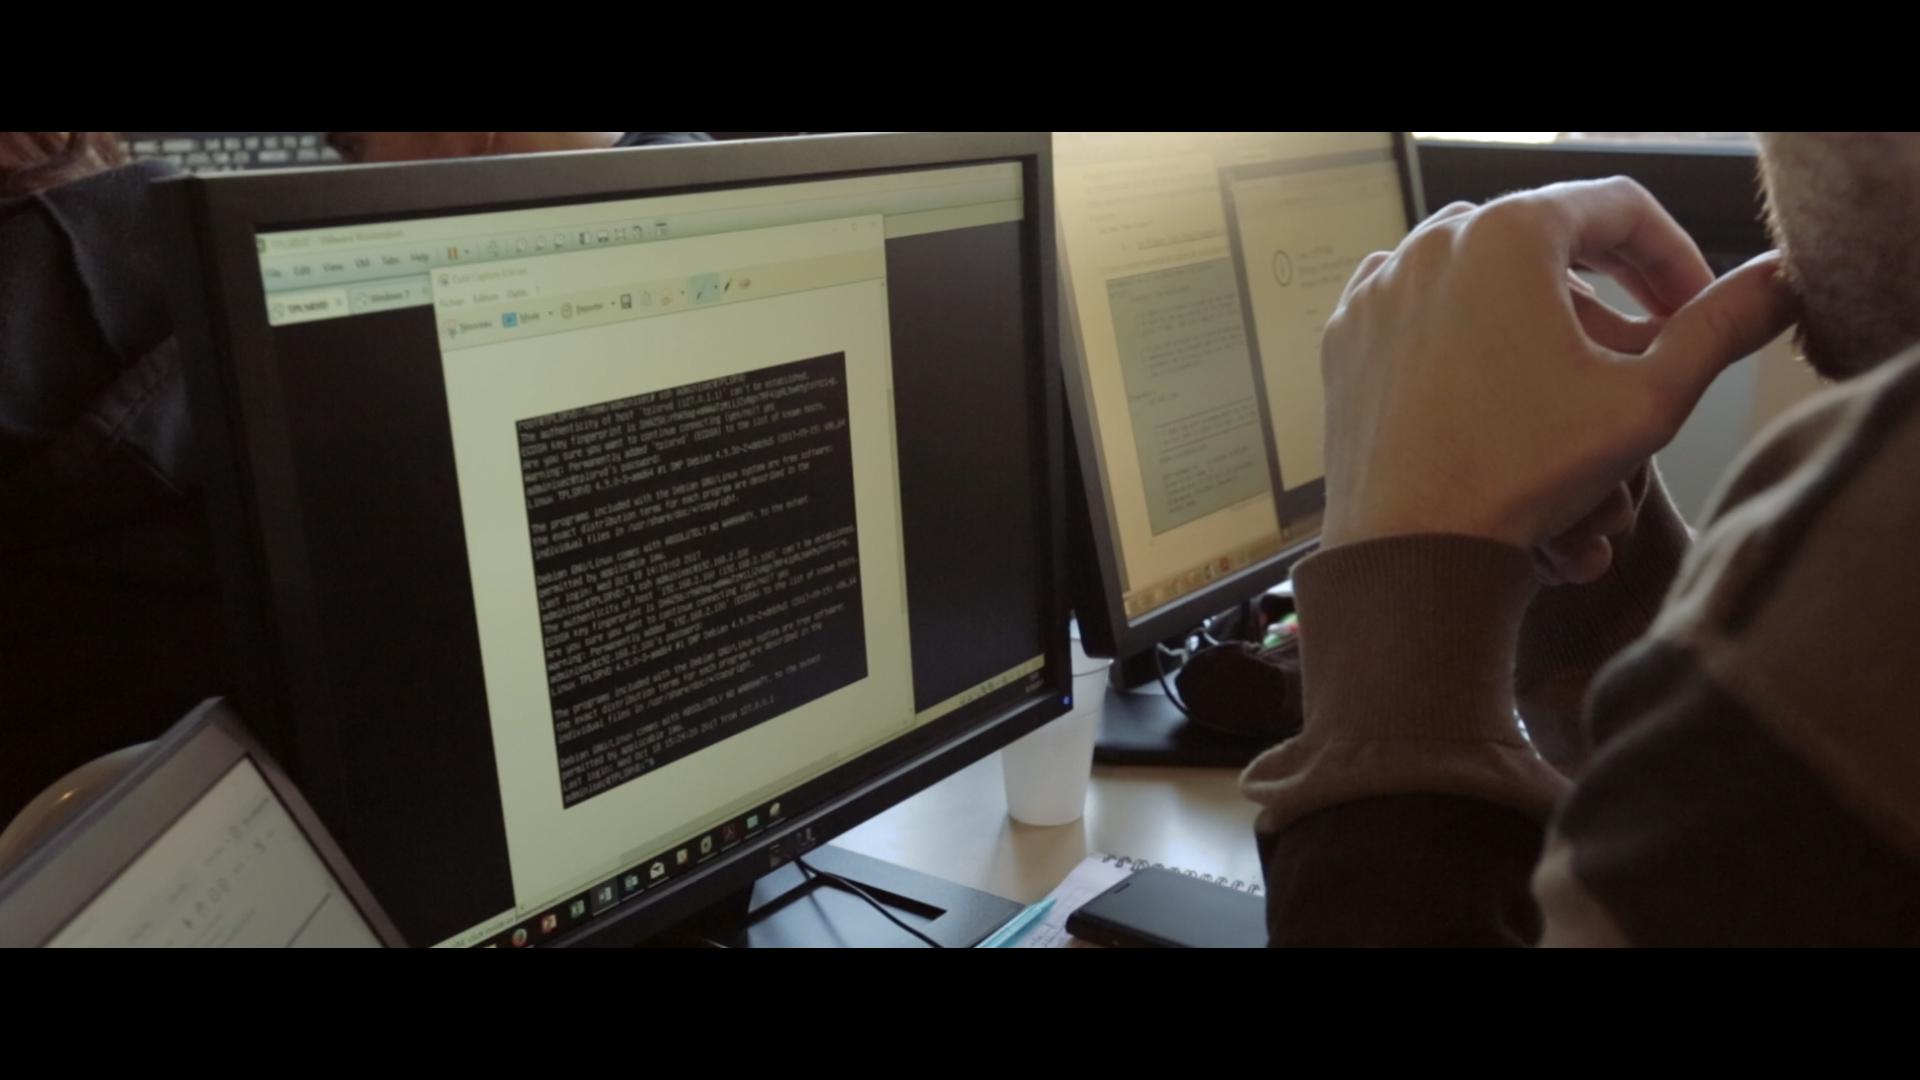 developpement-projet-agence-video-paris-bordeaux-reseaux-sociaux-site-internet-xaleo-leo-meslet